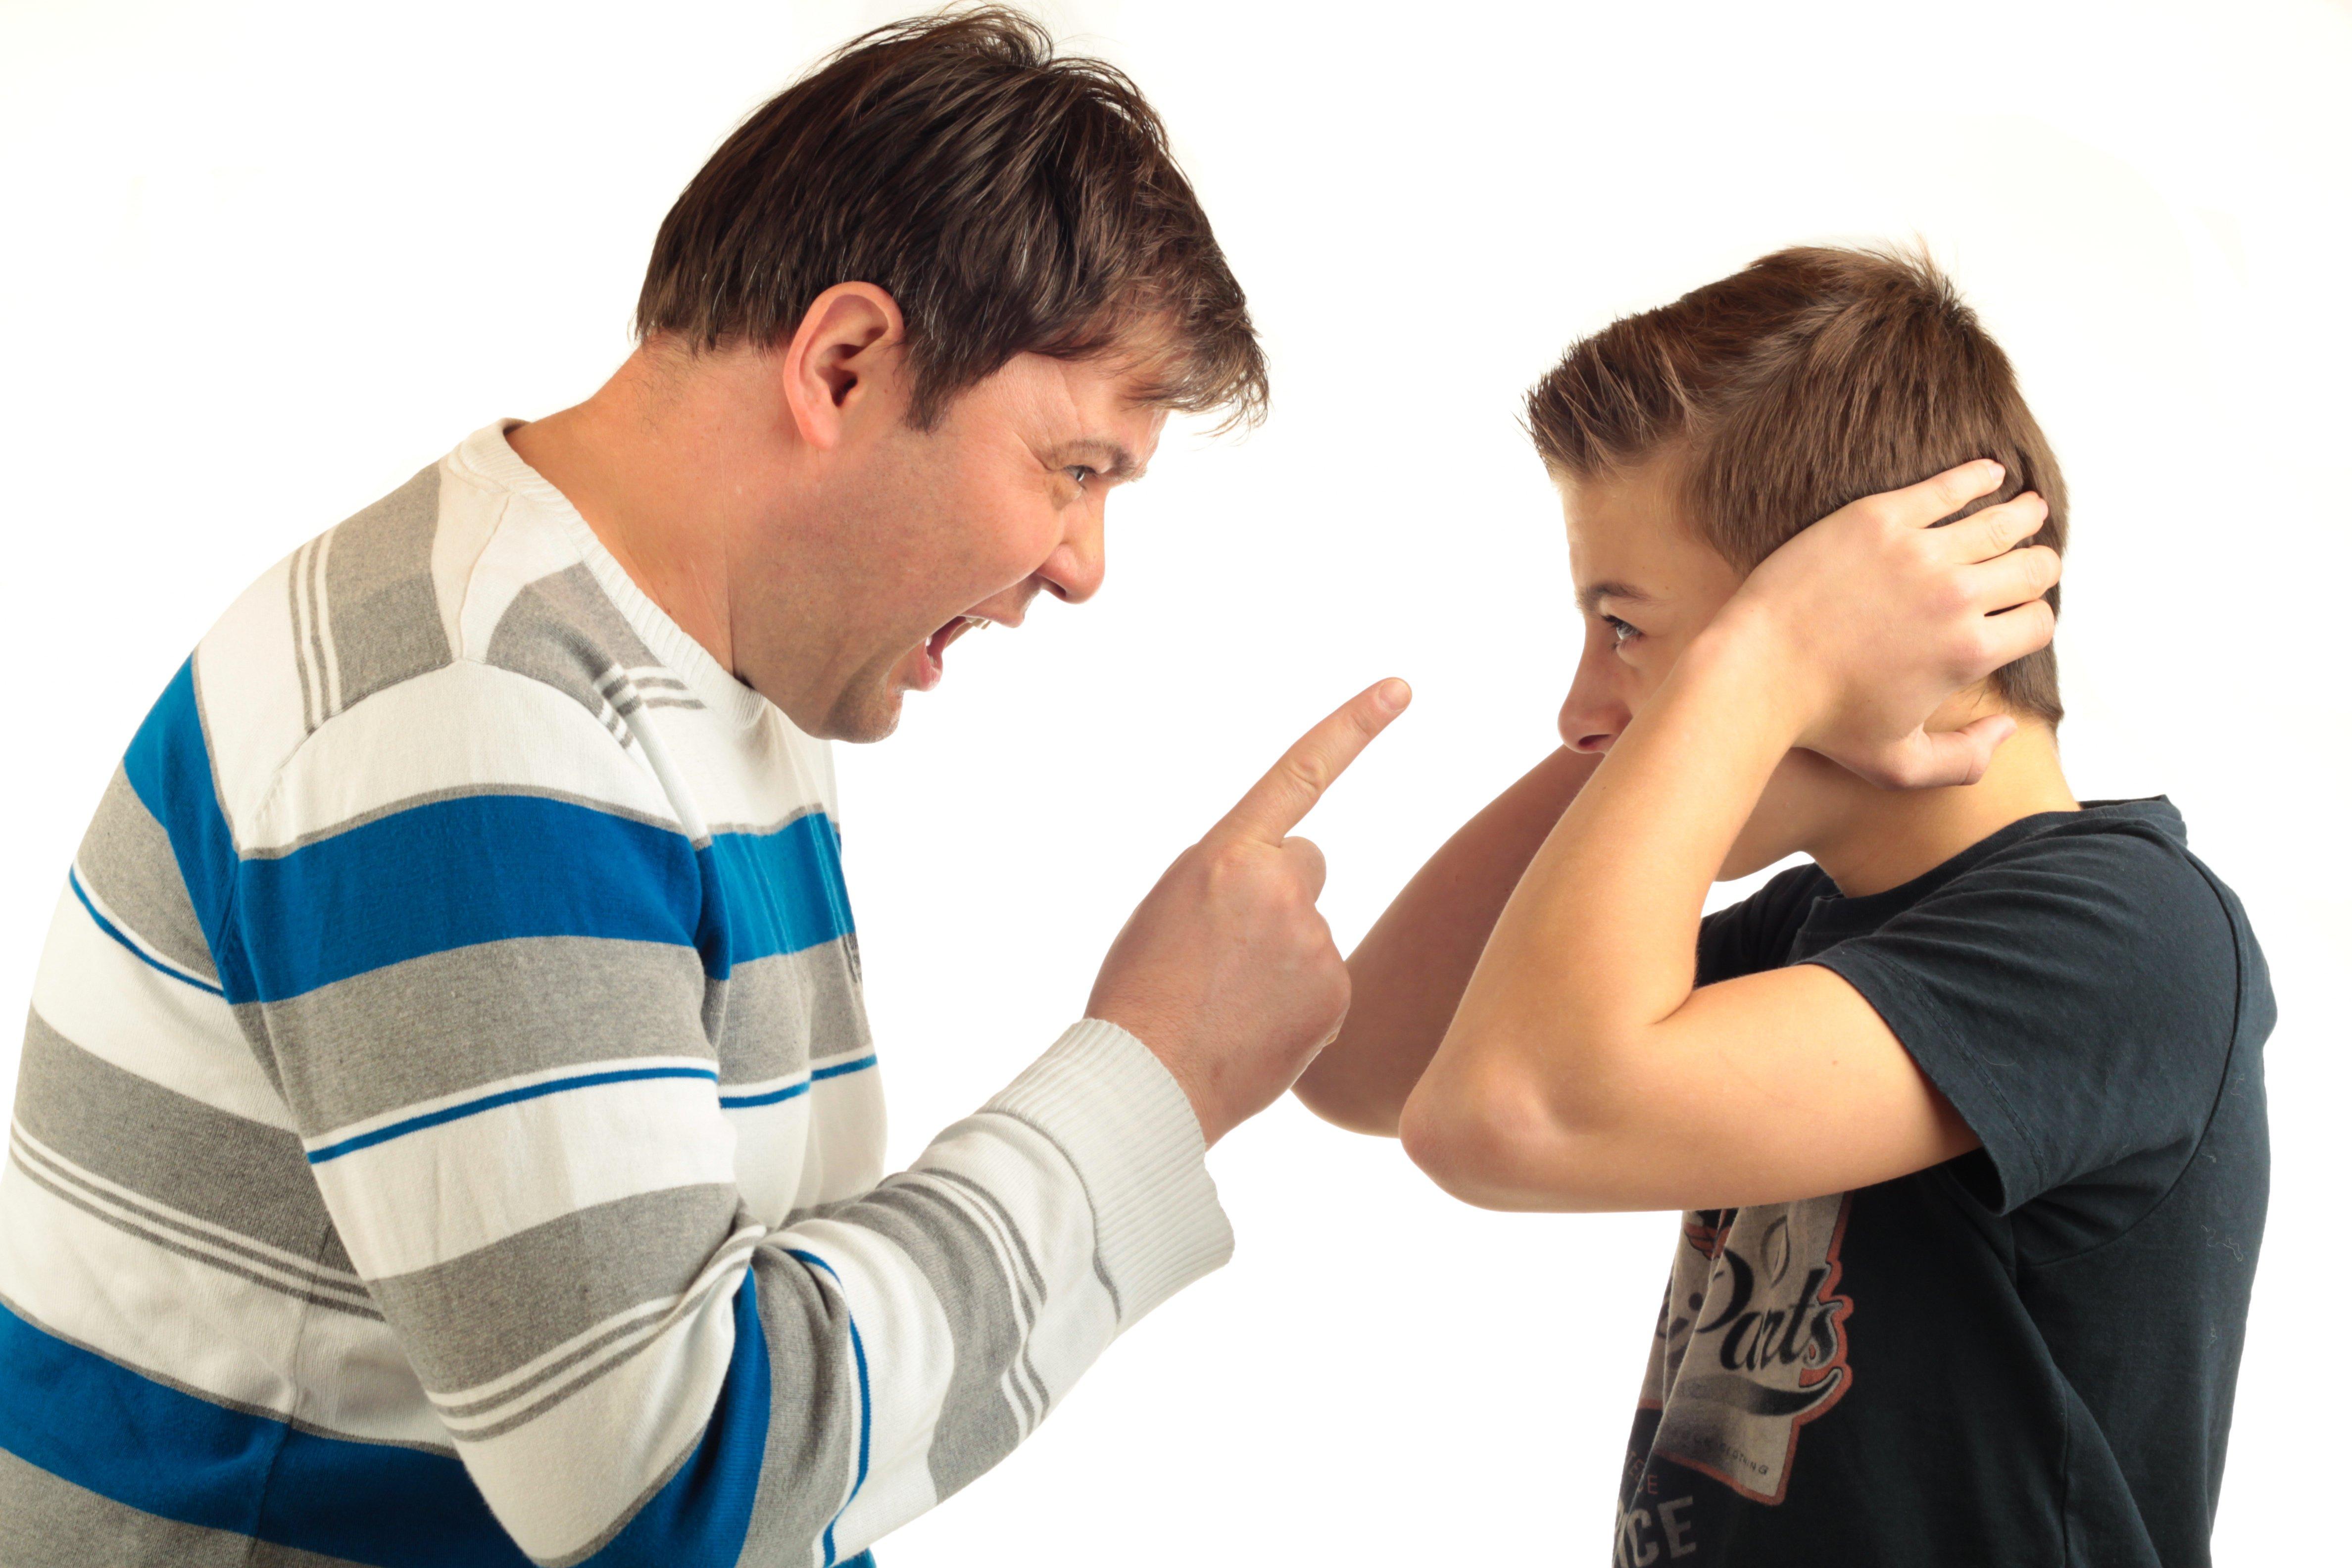 Vater schimpft mit kind